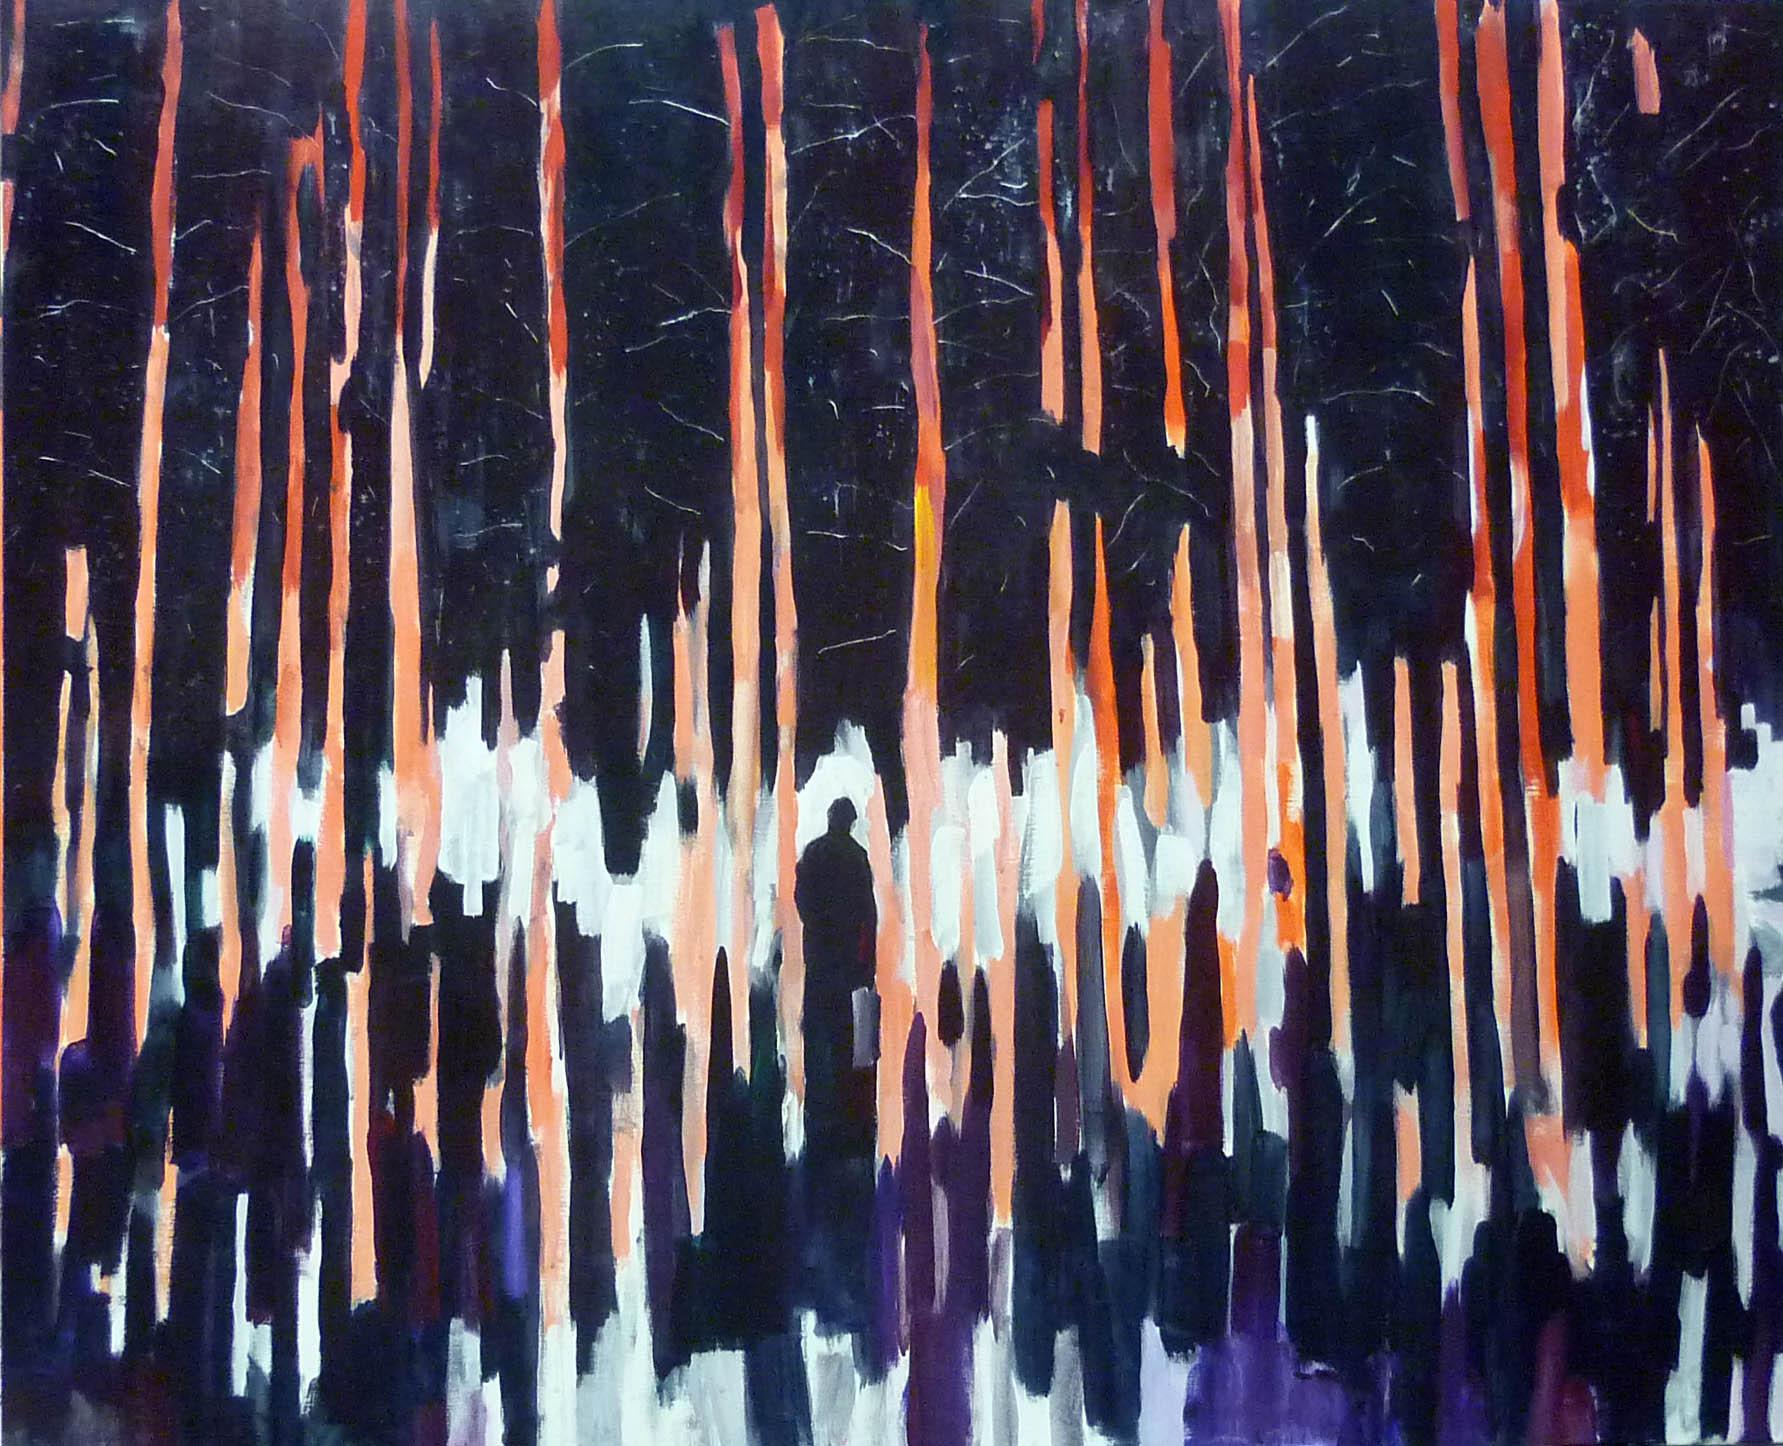 pahorkatina Kulmaaskylä-Kahvia / Kulmaaskylä-Kahvia hill, akryl na plátně / acrylic on canvas, 185x150 cm, 2012